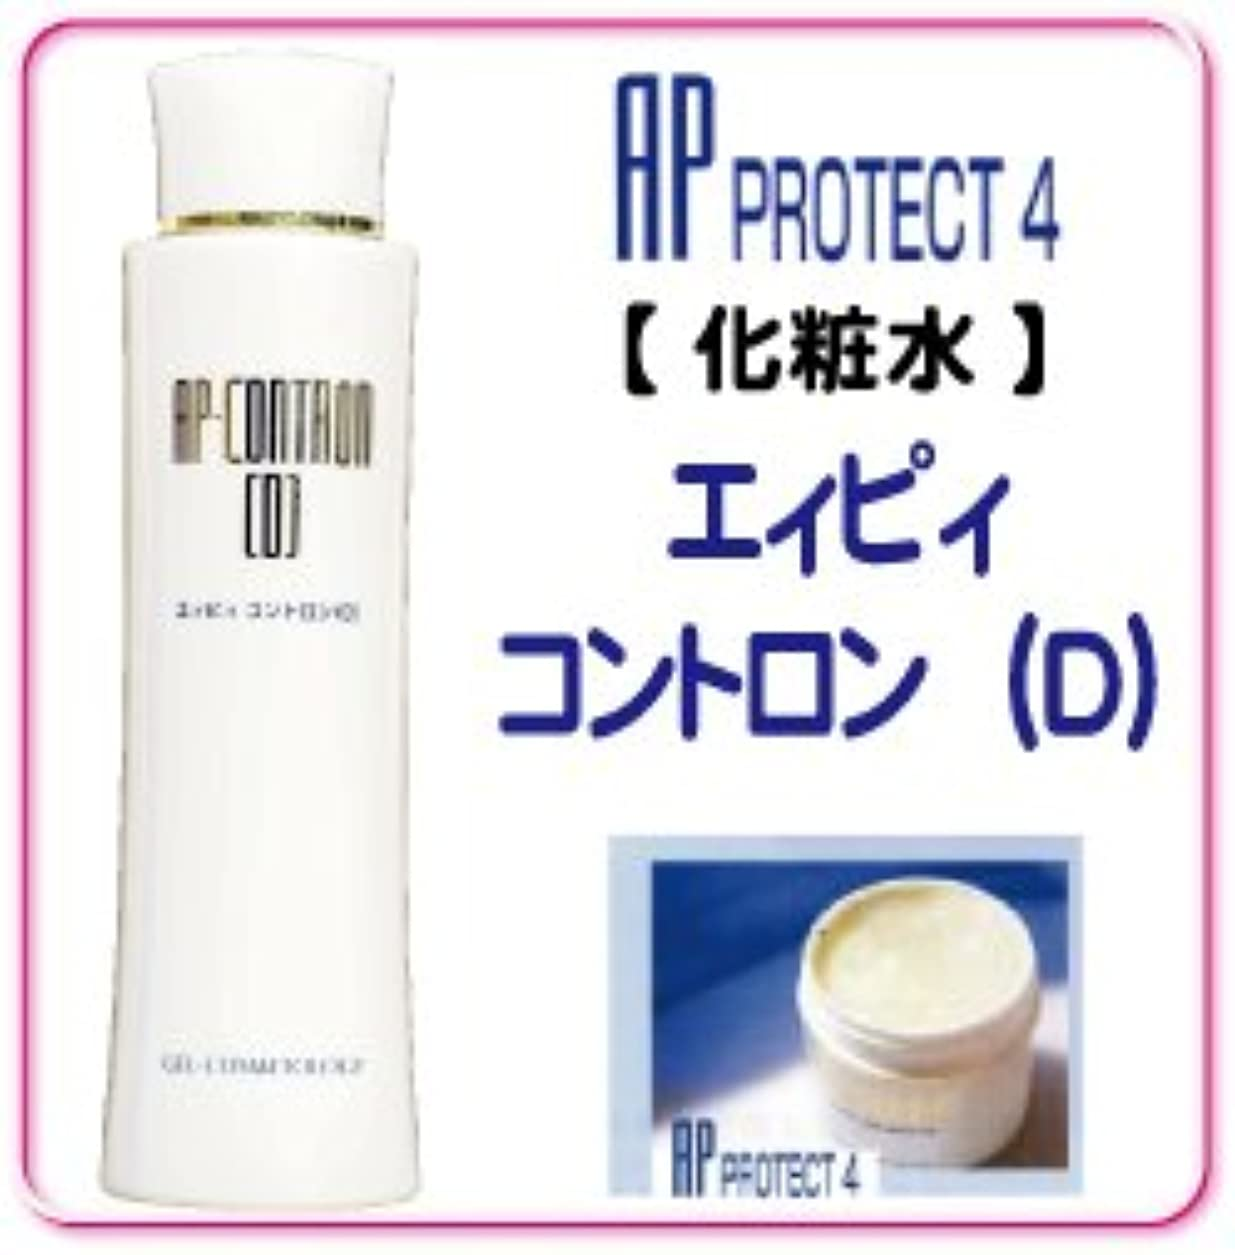 参照する遊び場ブランドベルマン化粧品 APprotectシリーズ  エィピィコントロンD